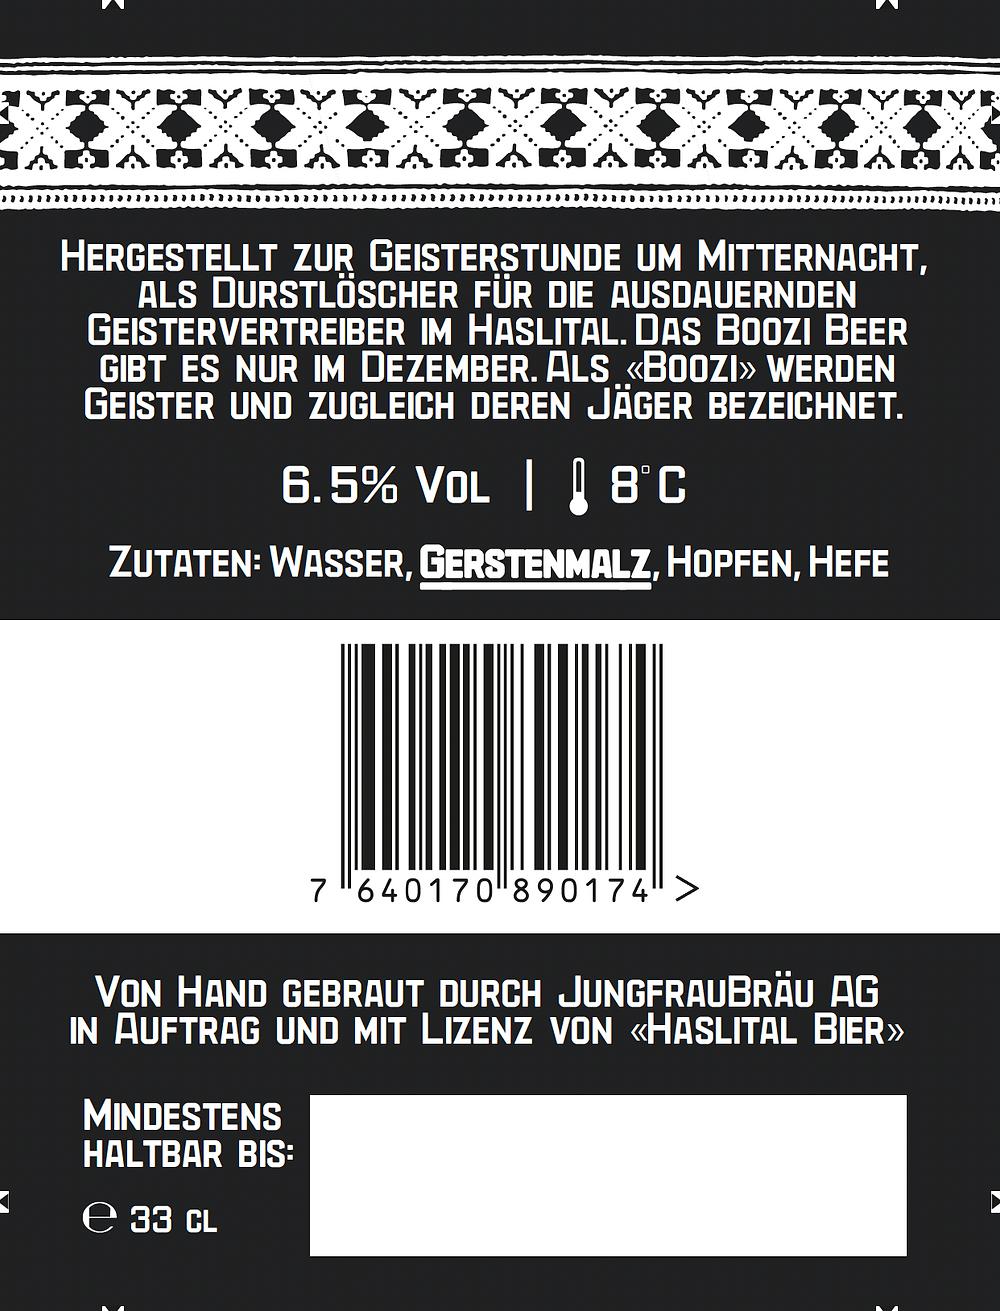 Die Etikette auf der Rückseite erläutert neben den obligatorischen Angaben zu den Zutaten interessantes zum Brauch im Haslital. Das BOOZI BEER wird ebenfalls in der JungfrauBräu in Schwanden gebraut.